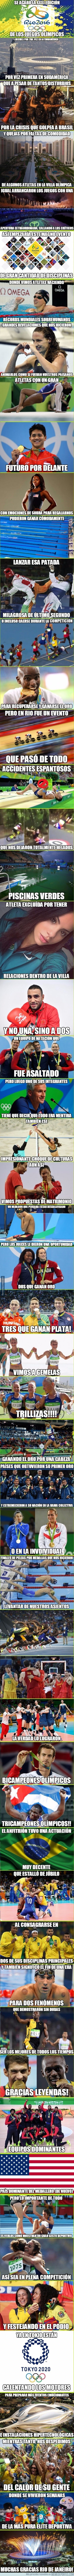 900604 - Ya es el fin de los Juegos Olímpicos de Río 2016, esto fue lo mejor